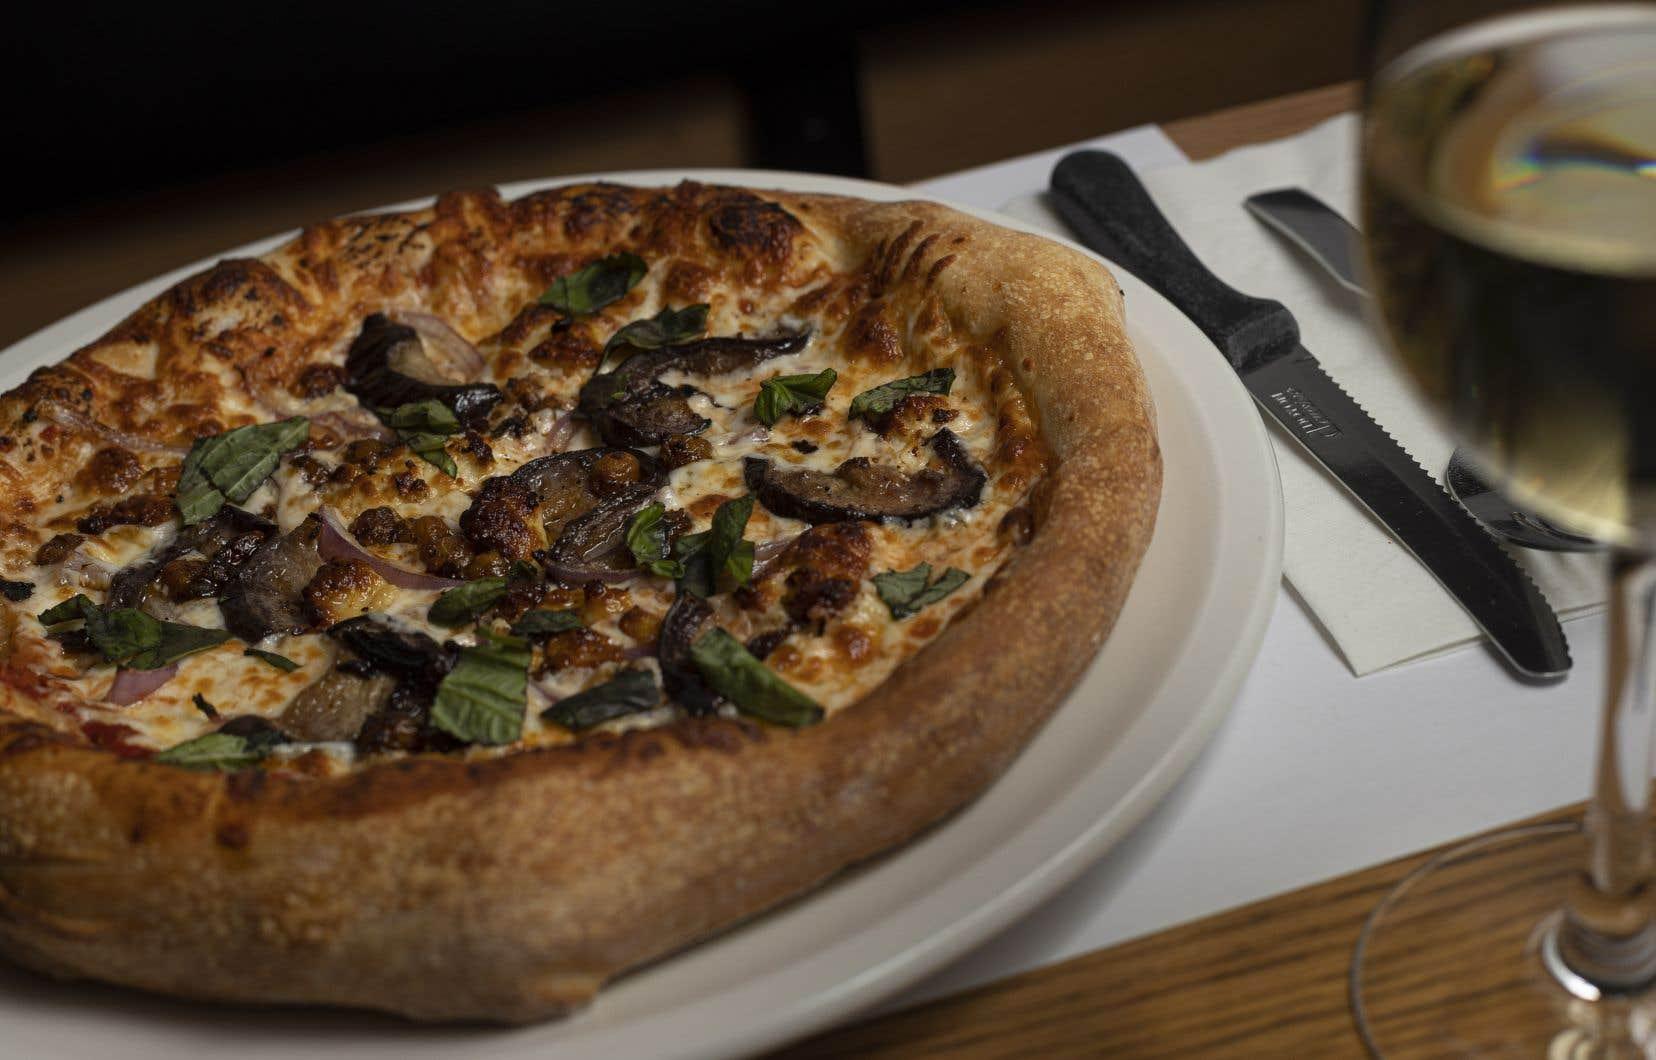 Du côté des plats, le menu du Milano va dans tous les sens. Mais la pizza demeure la vedette.